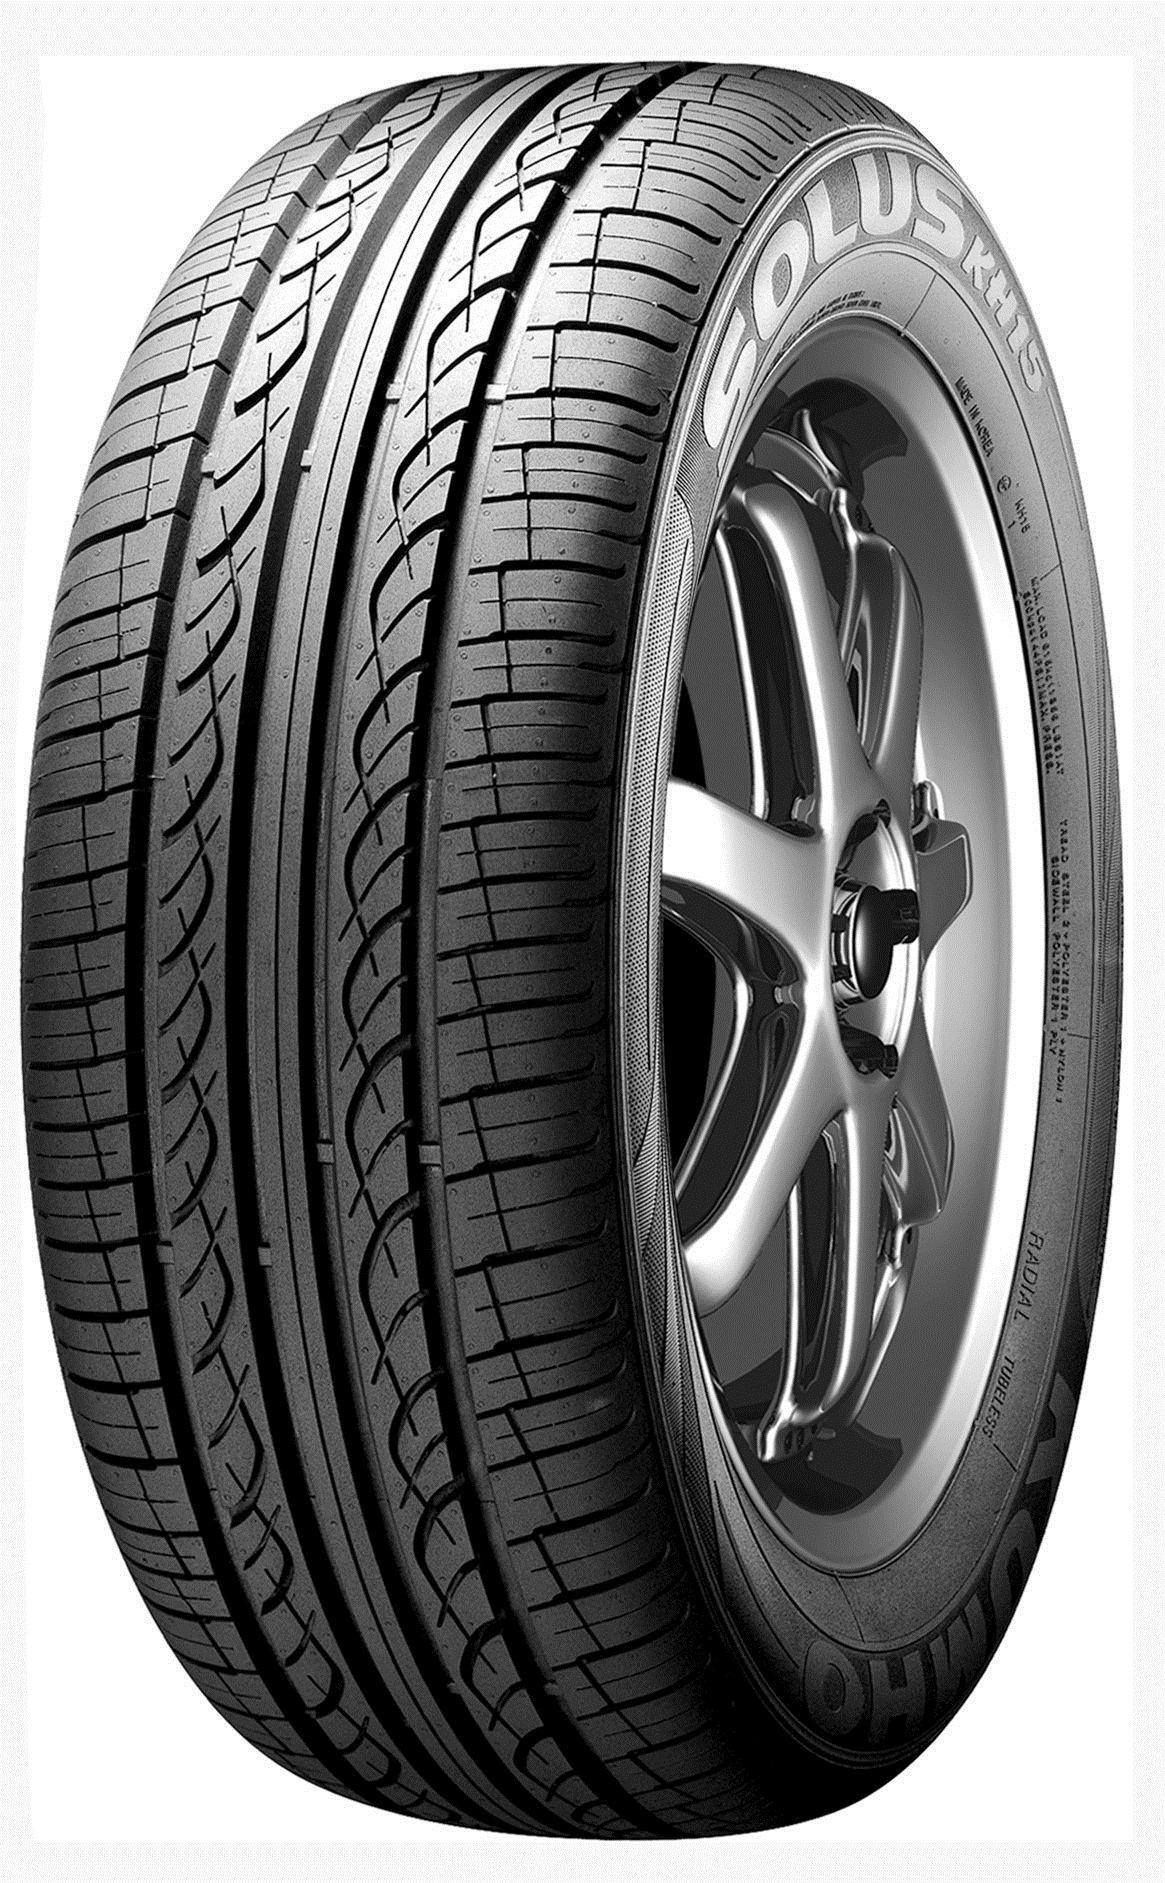 Neumático KUMHO KH15 235/50R18 97 V